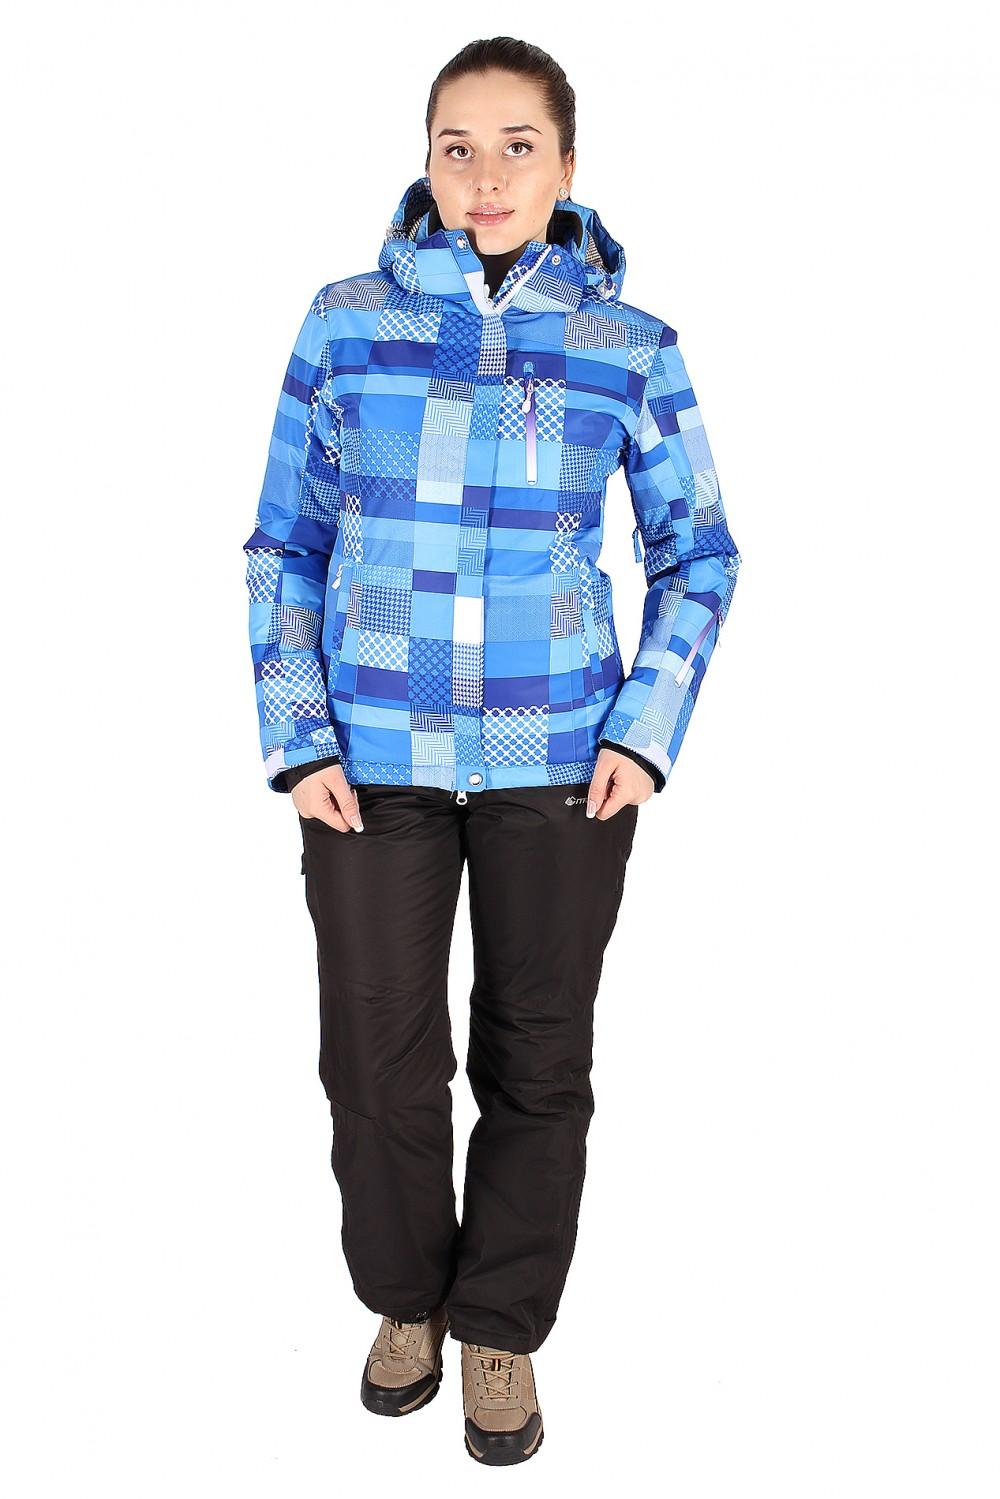 Купить Костюм горнолыжный женский синего цвета 01784S